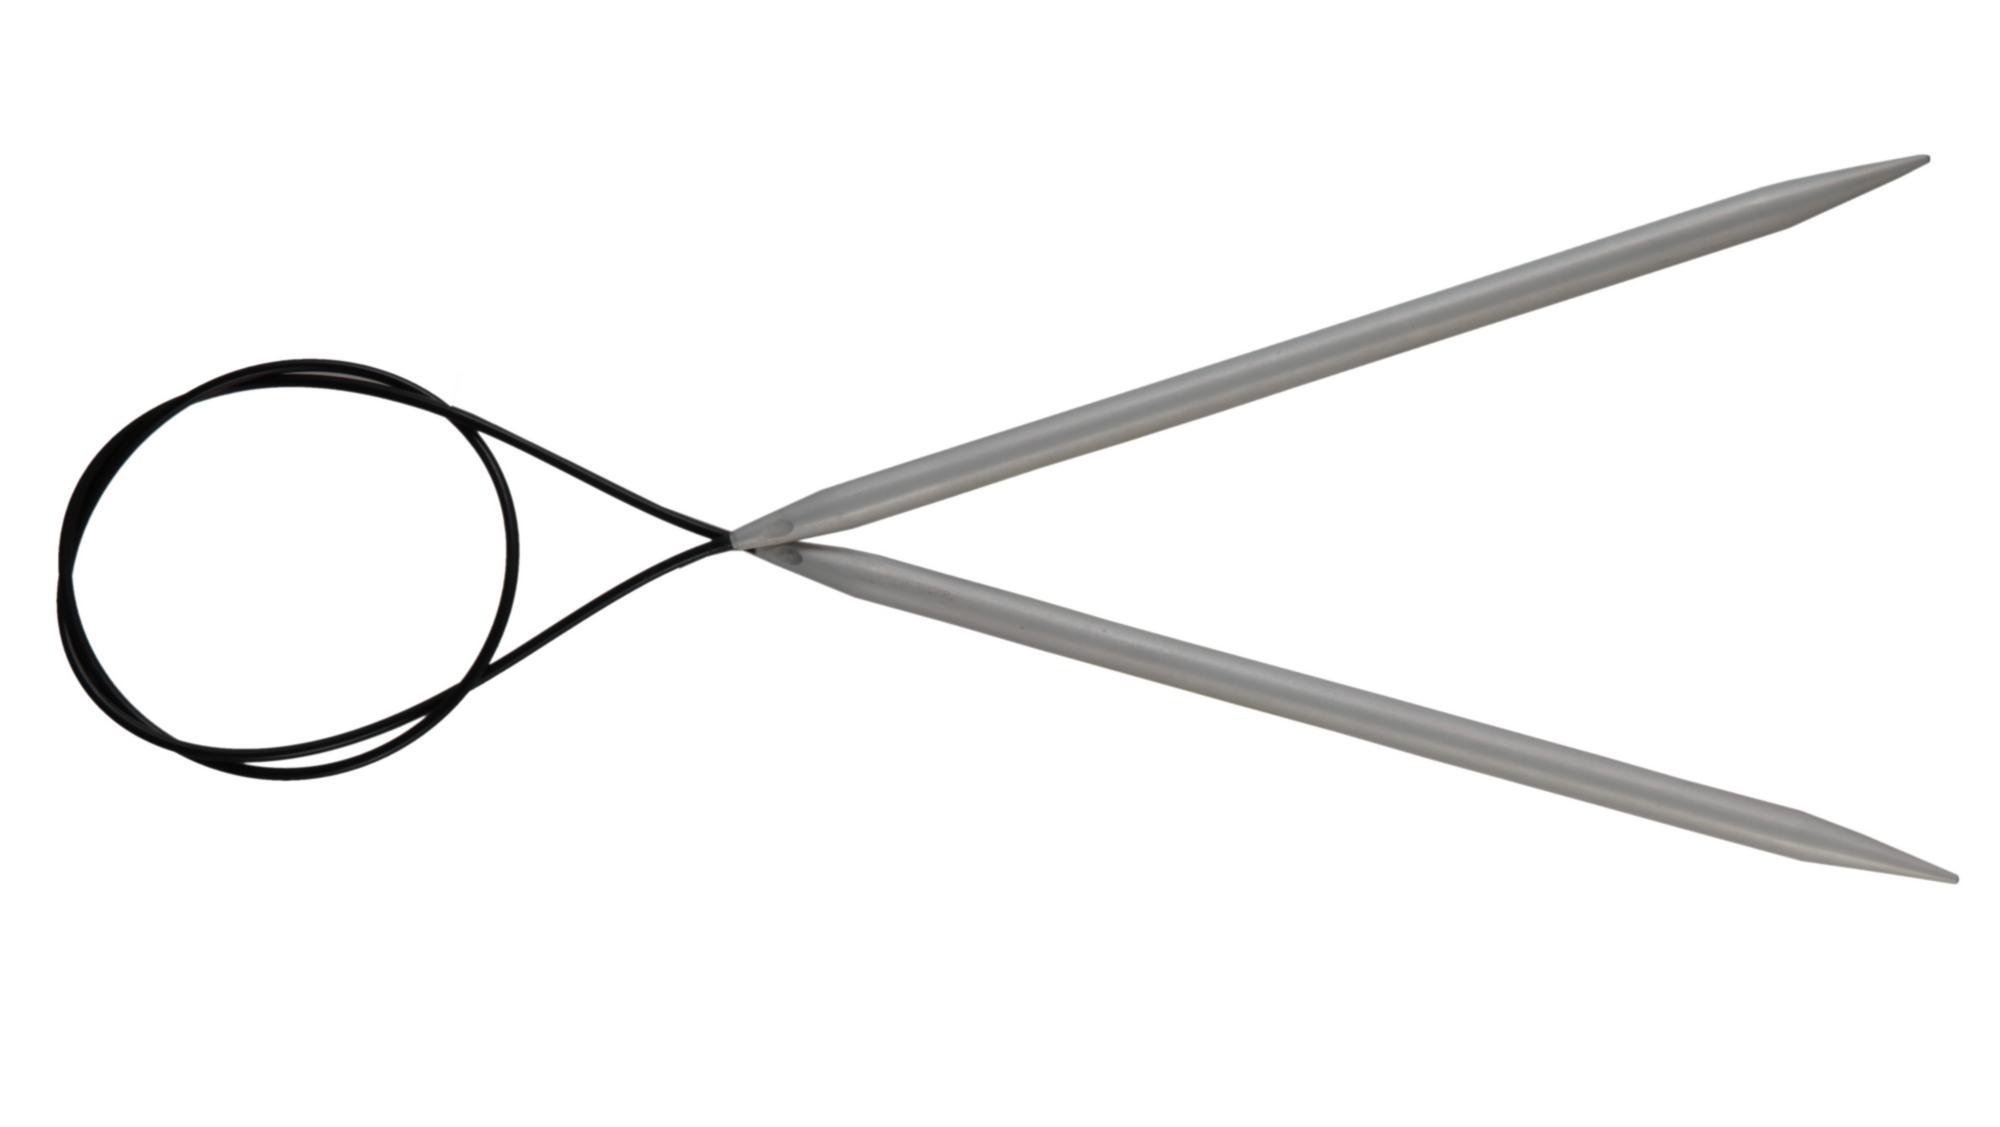 Спицы круговые 100 см Basix Aluminium KnitPro, 45382, 3.75 мм